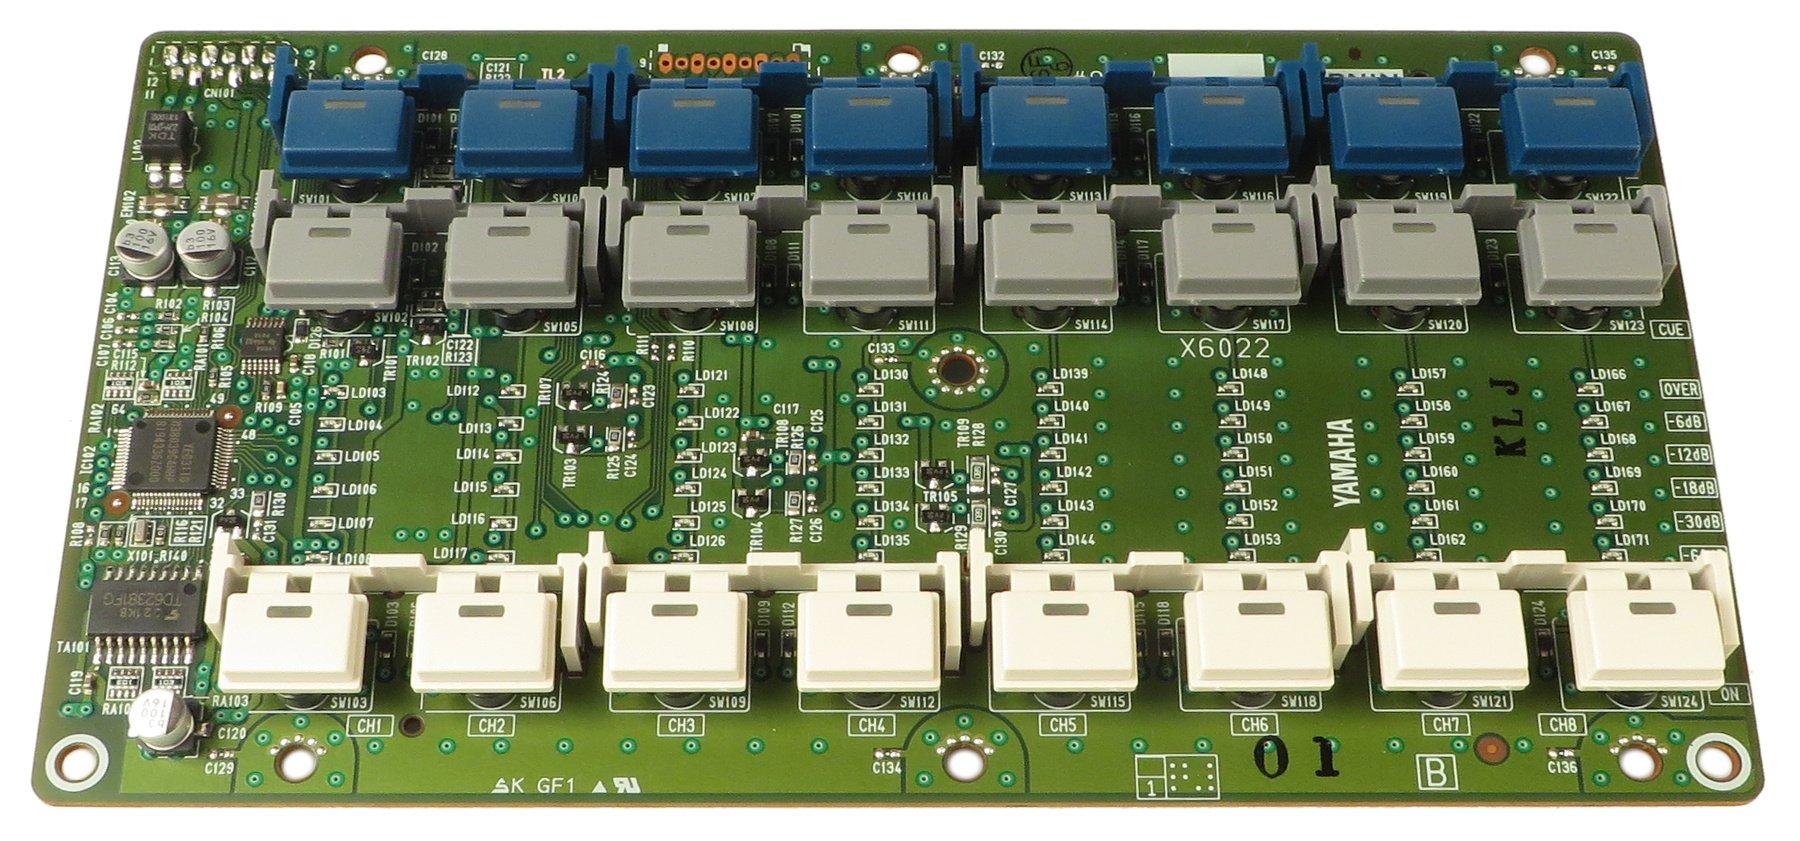 Yamaha Mixer PNIN PCB